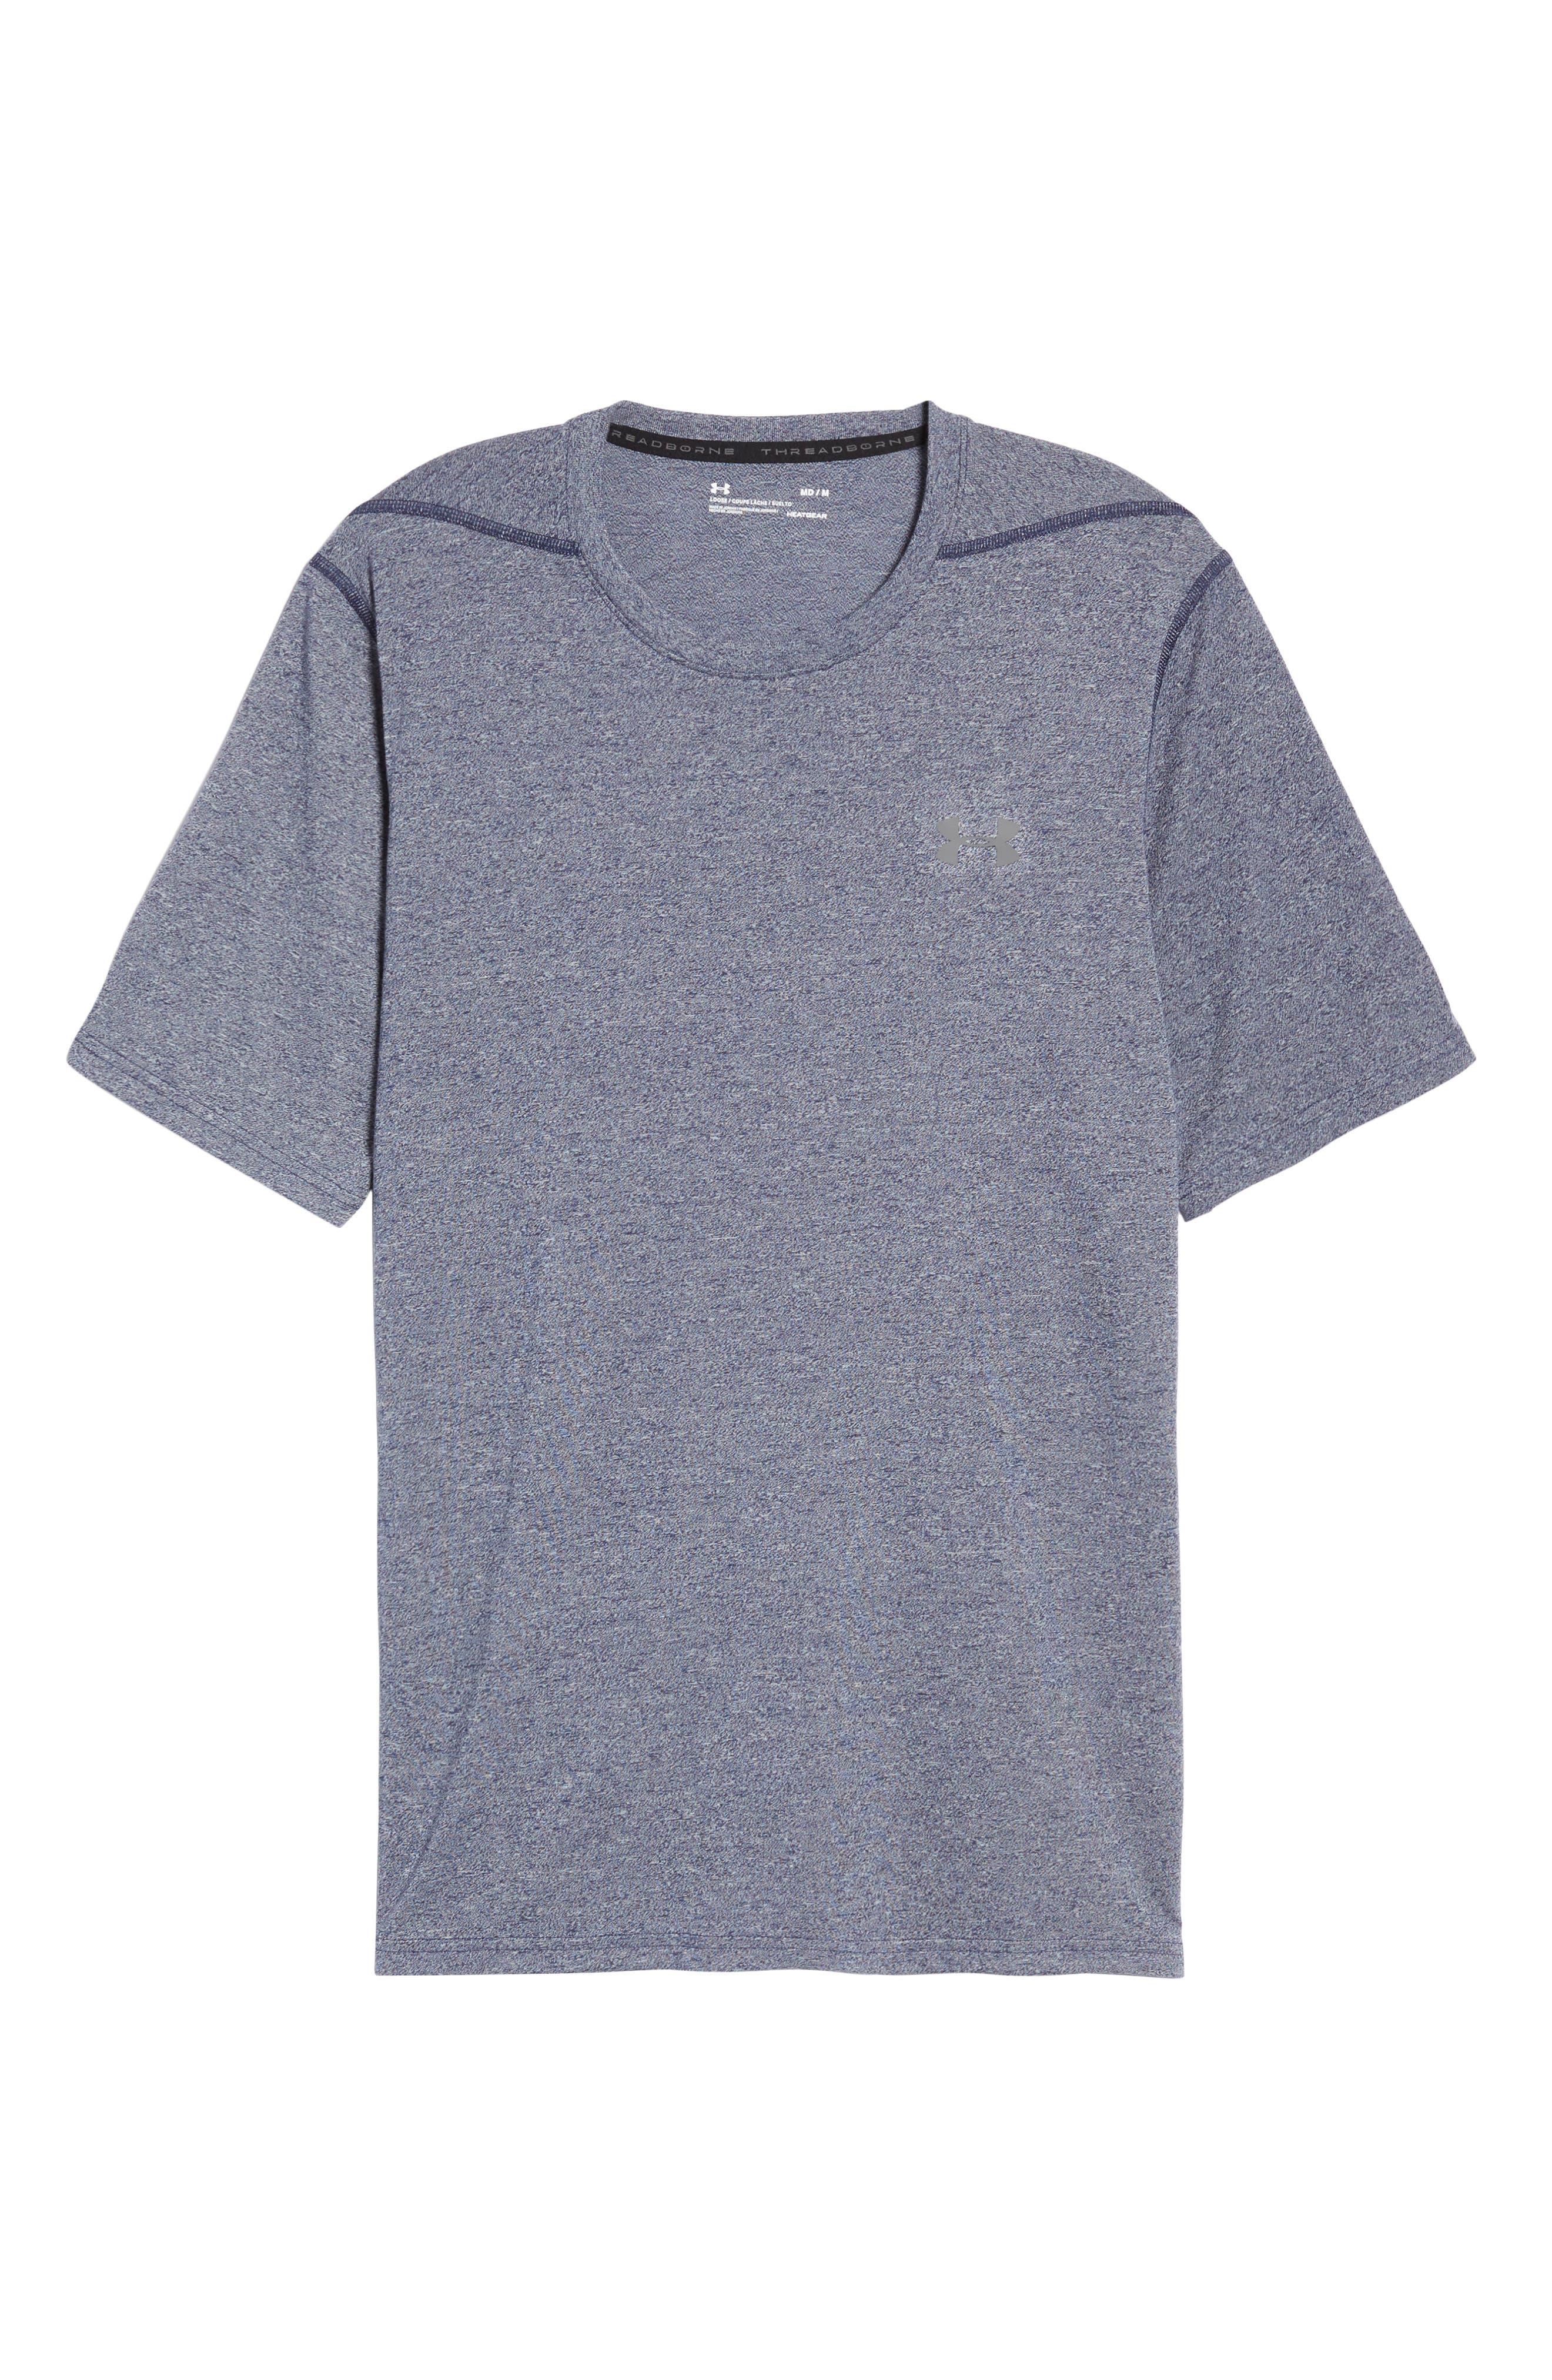 Regular Fit Threadborne T-Shirt,                             Alternate thumbnail 2, color,                             Midnight